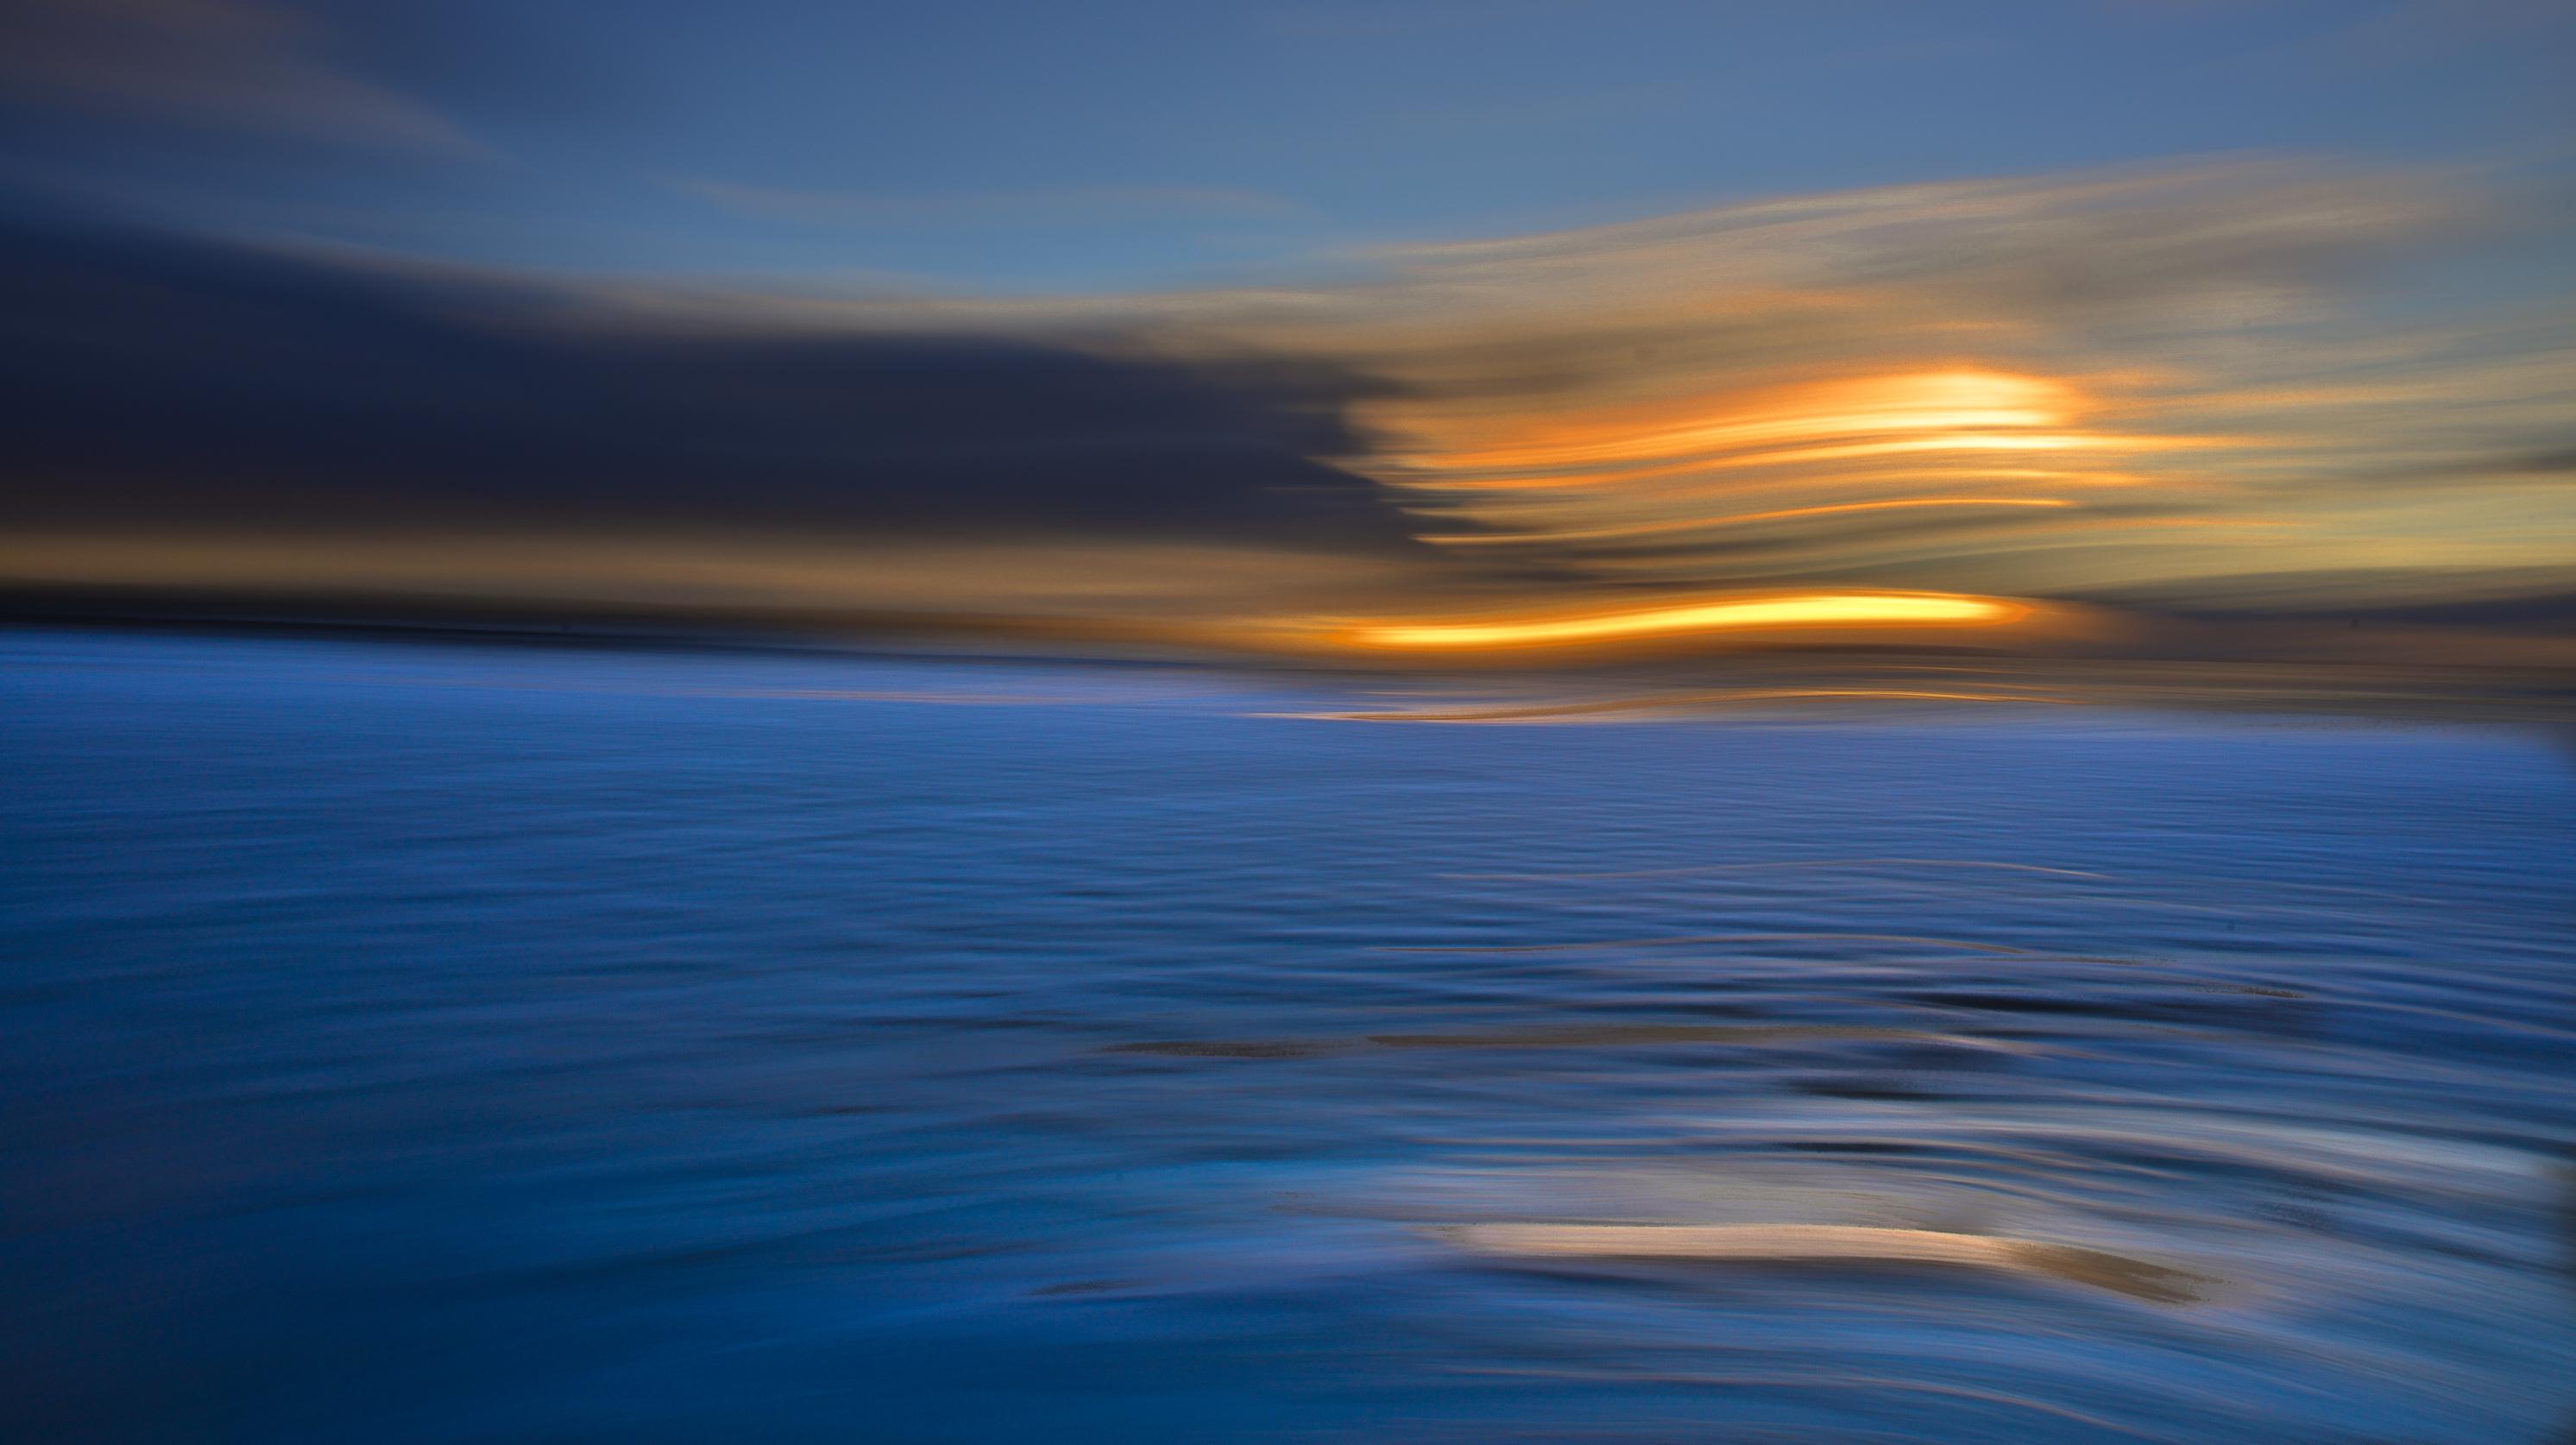 Movimiento del Océano - 2985x1674